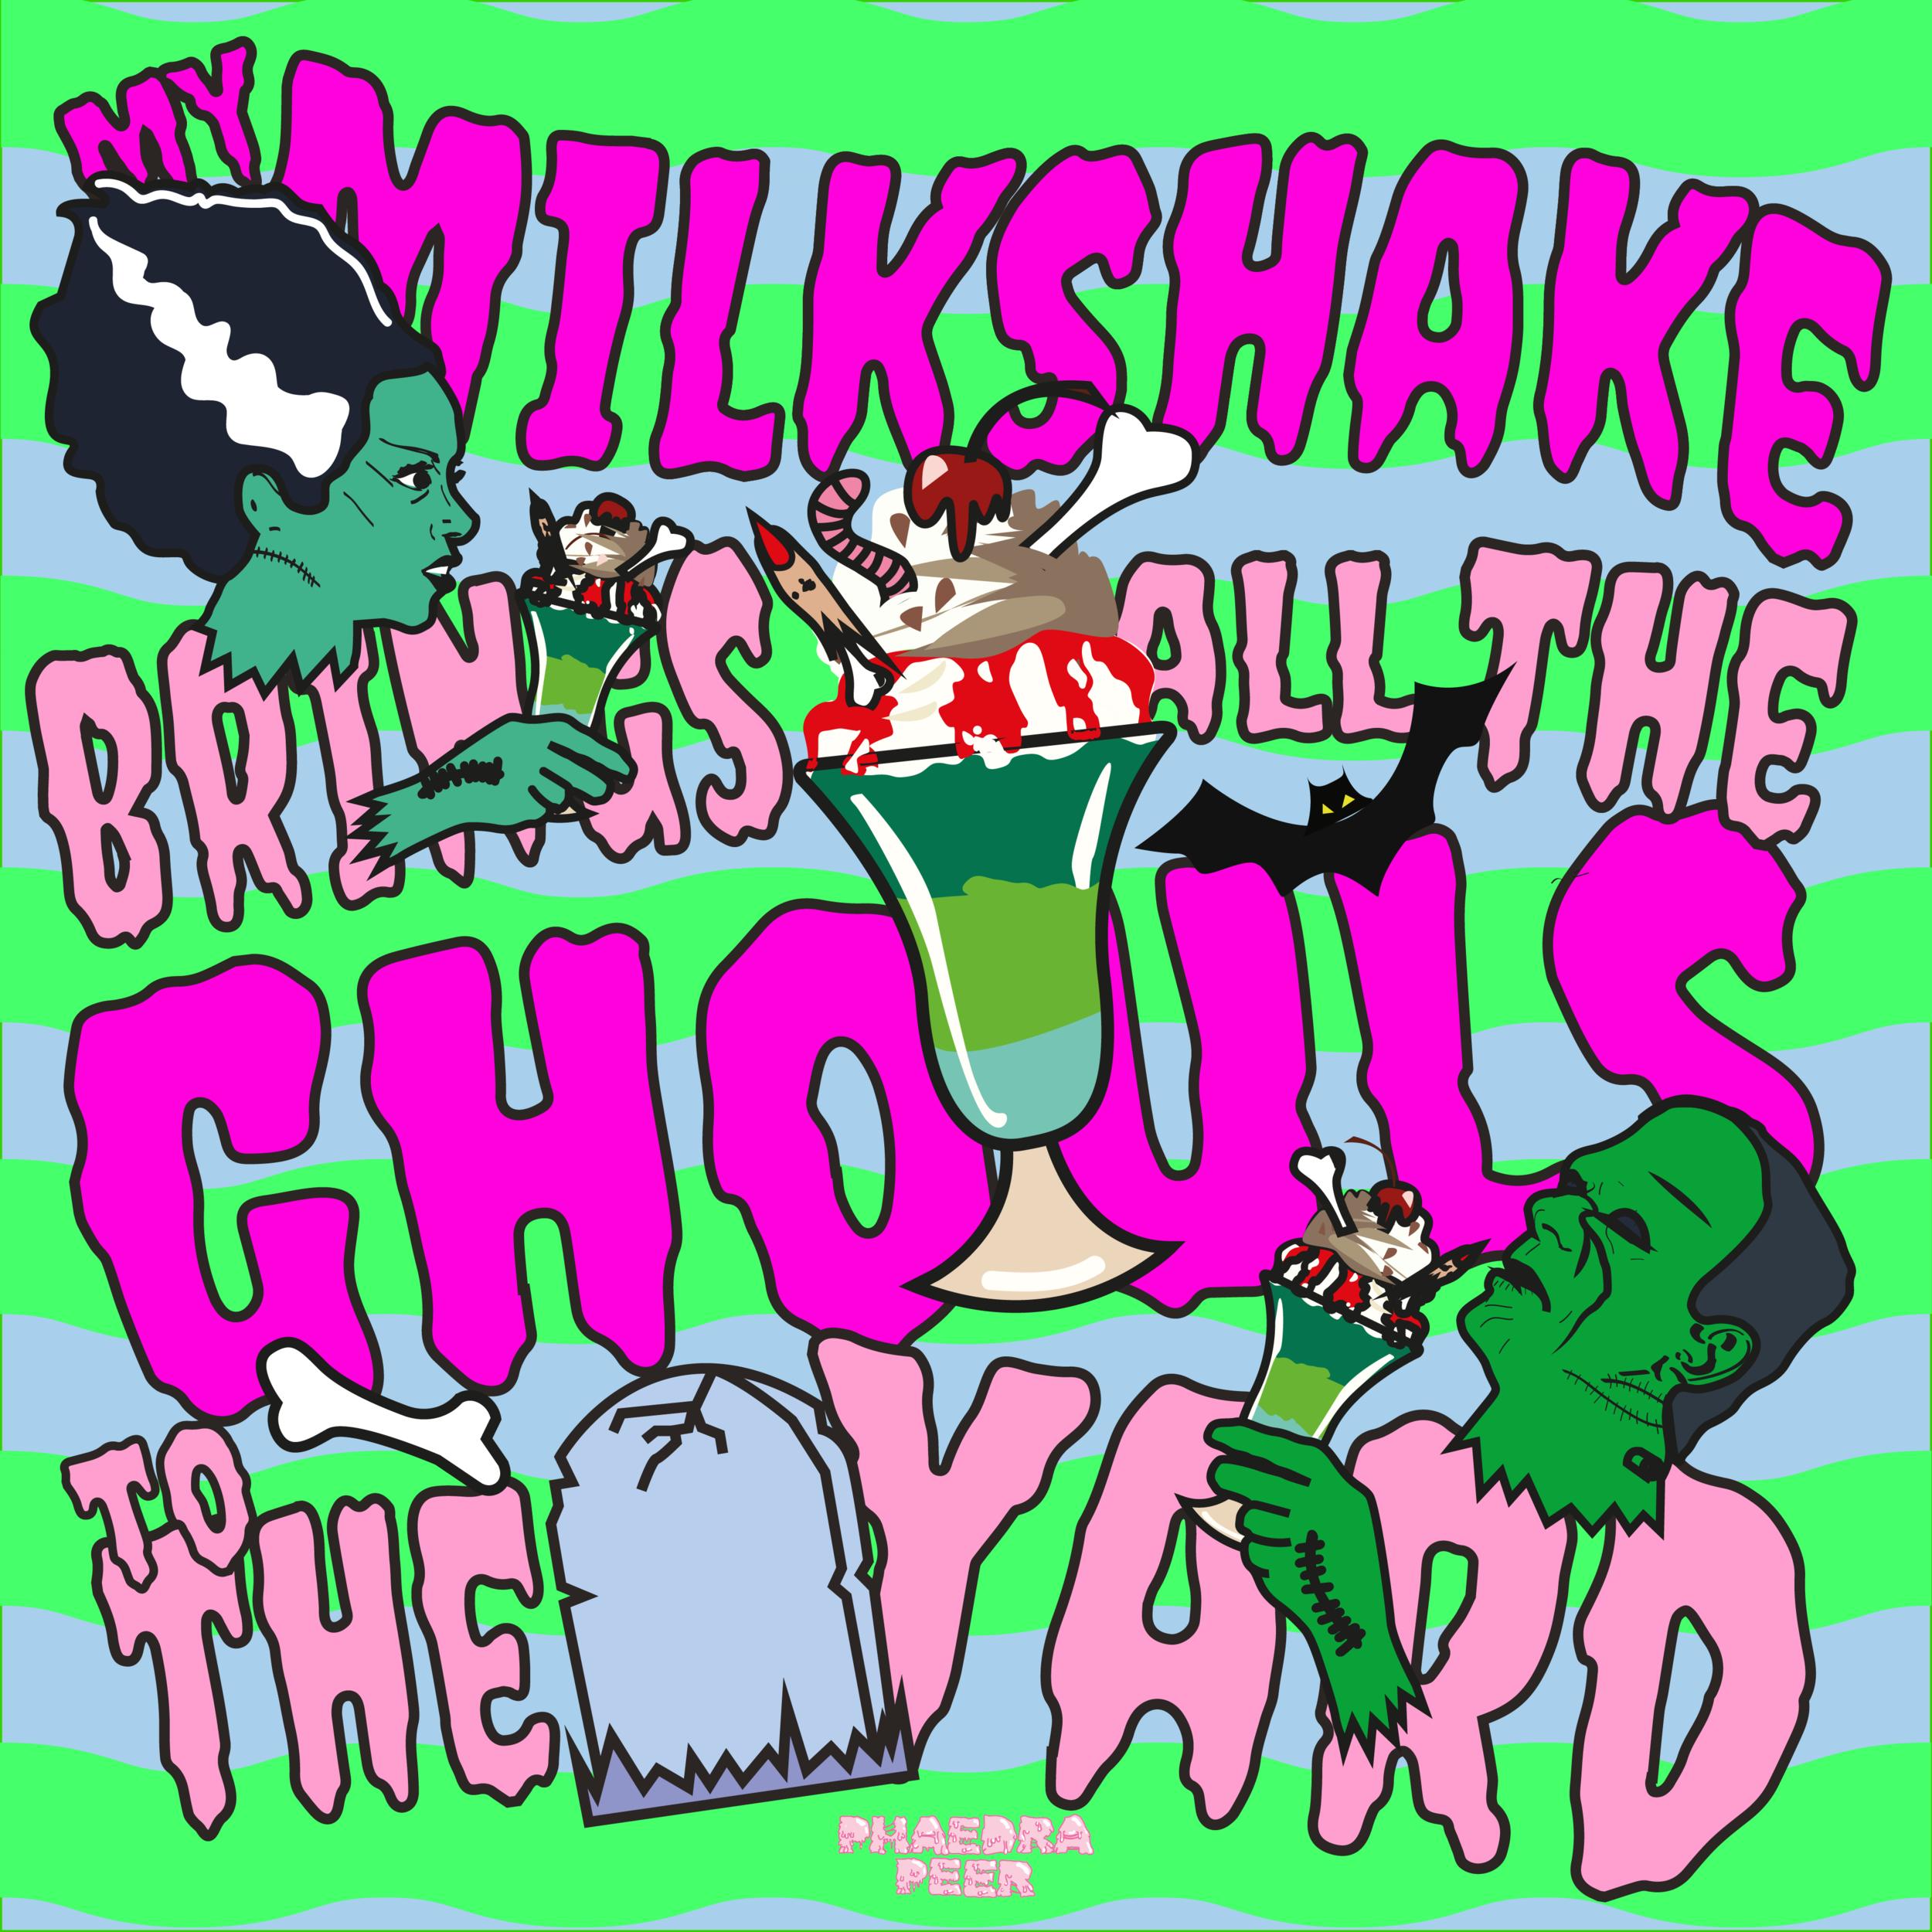 My Milkshake Brings All The Ghouls To The Yard